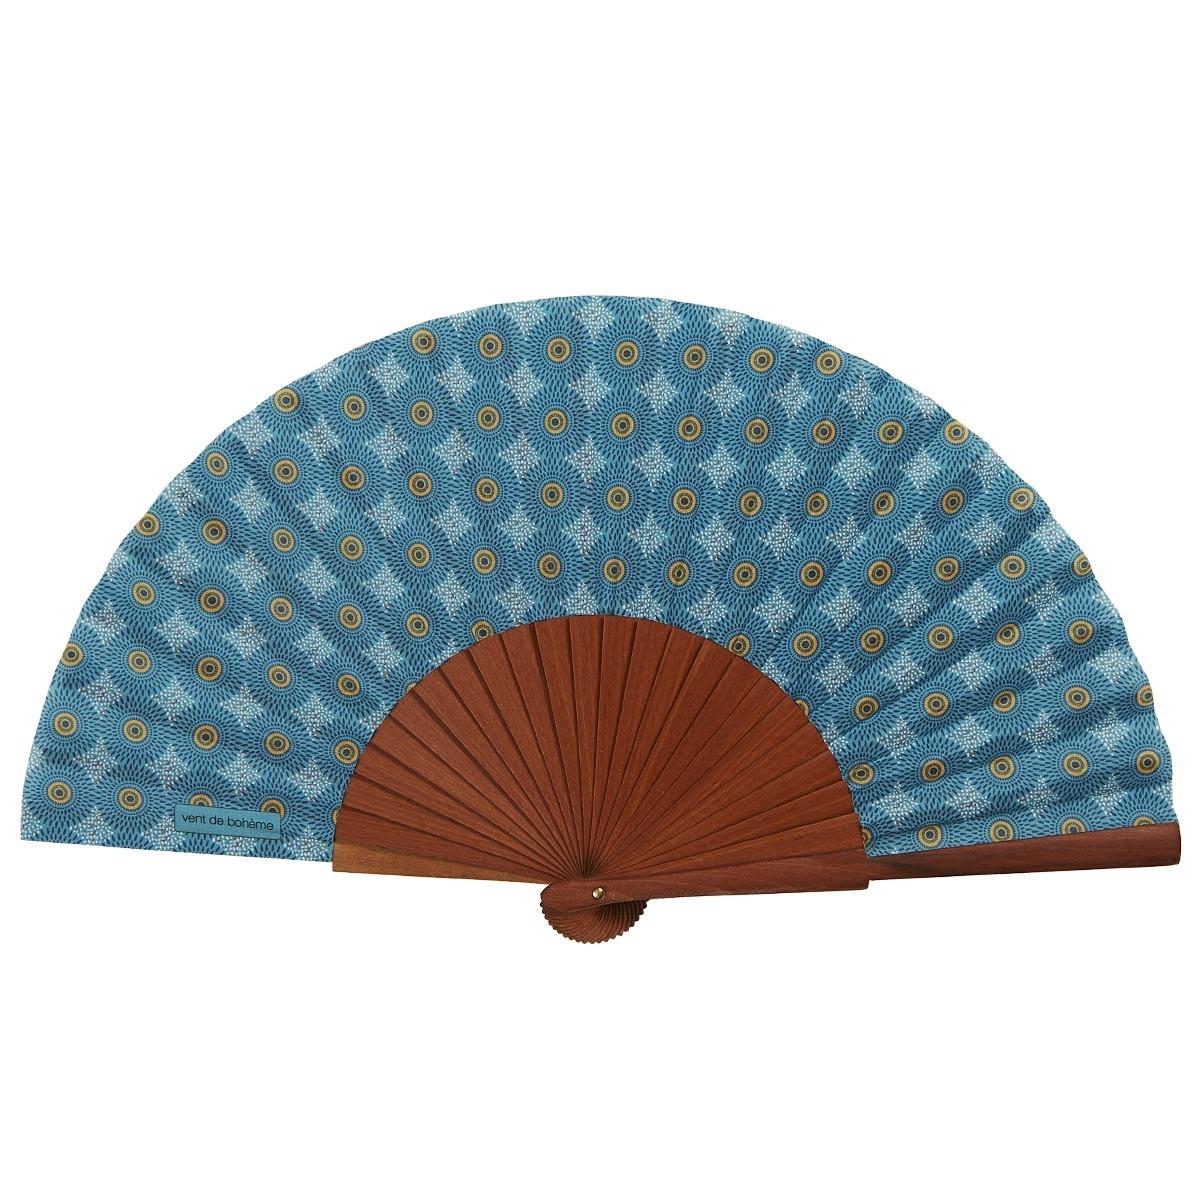 Éventail en bois de merisier et coton imprimé turquoise